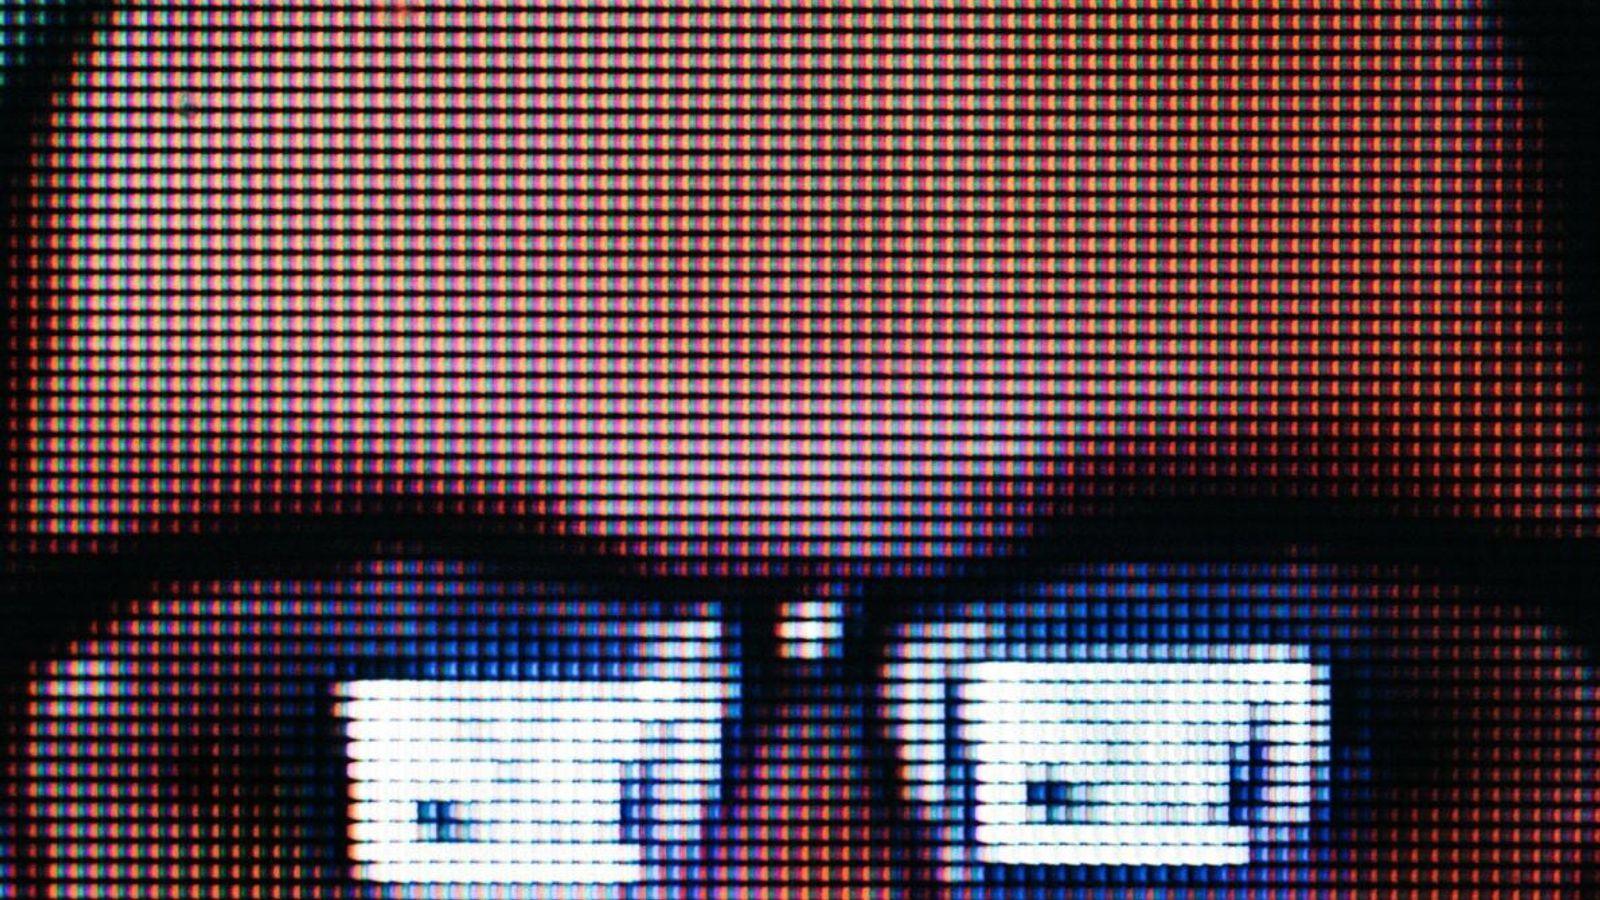 O aumento sem precedentes das videochamadas, devido à pandemia, deu origem a uma experiência social informal.